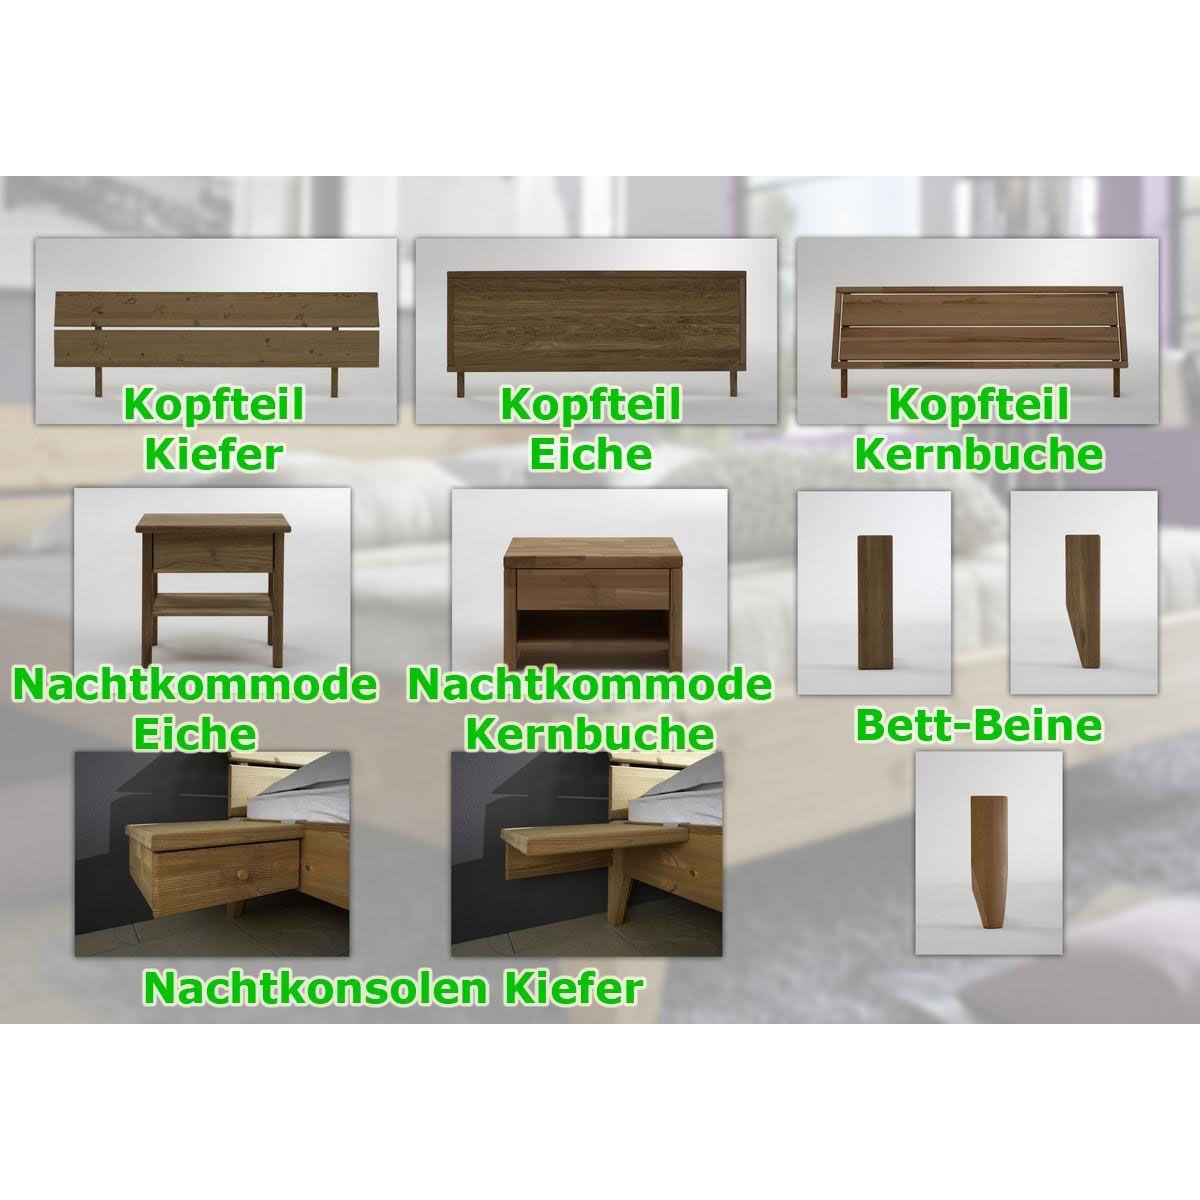 ... Schubladenbett Massivholz Ideen #62: Massivholz Schubladenbett 180x200  Holzbett Bett Kiefer Massiv Gelaugt Geölt ...